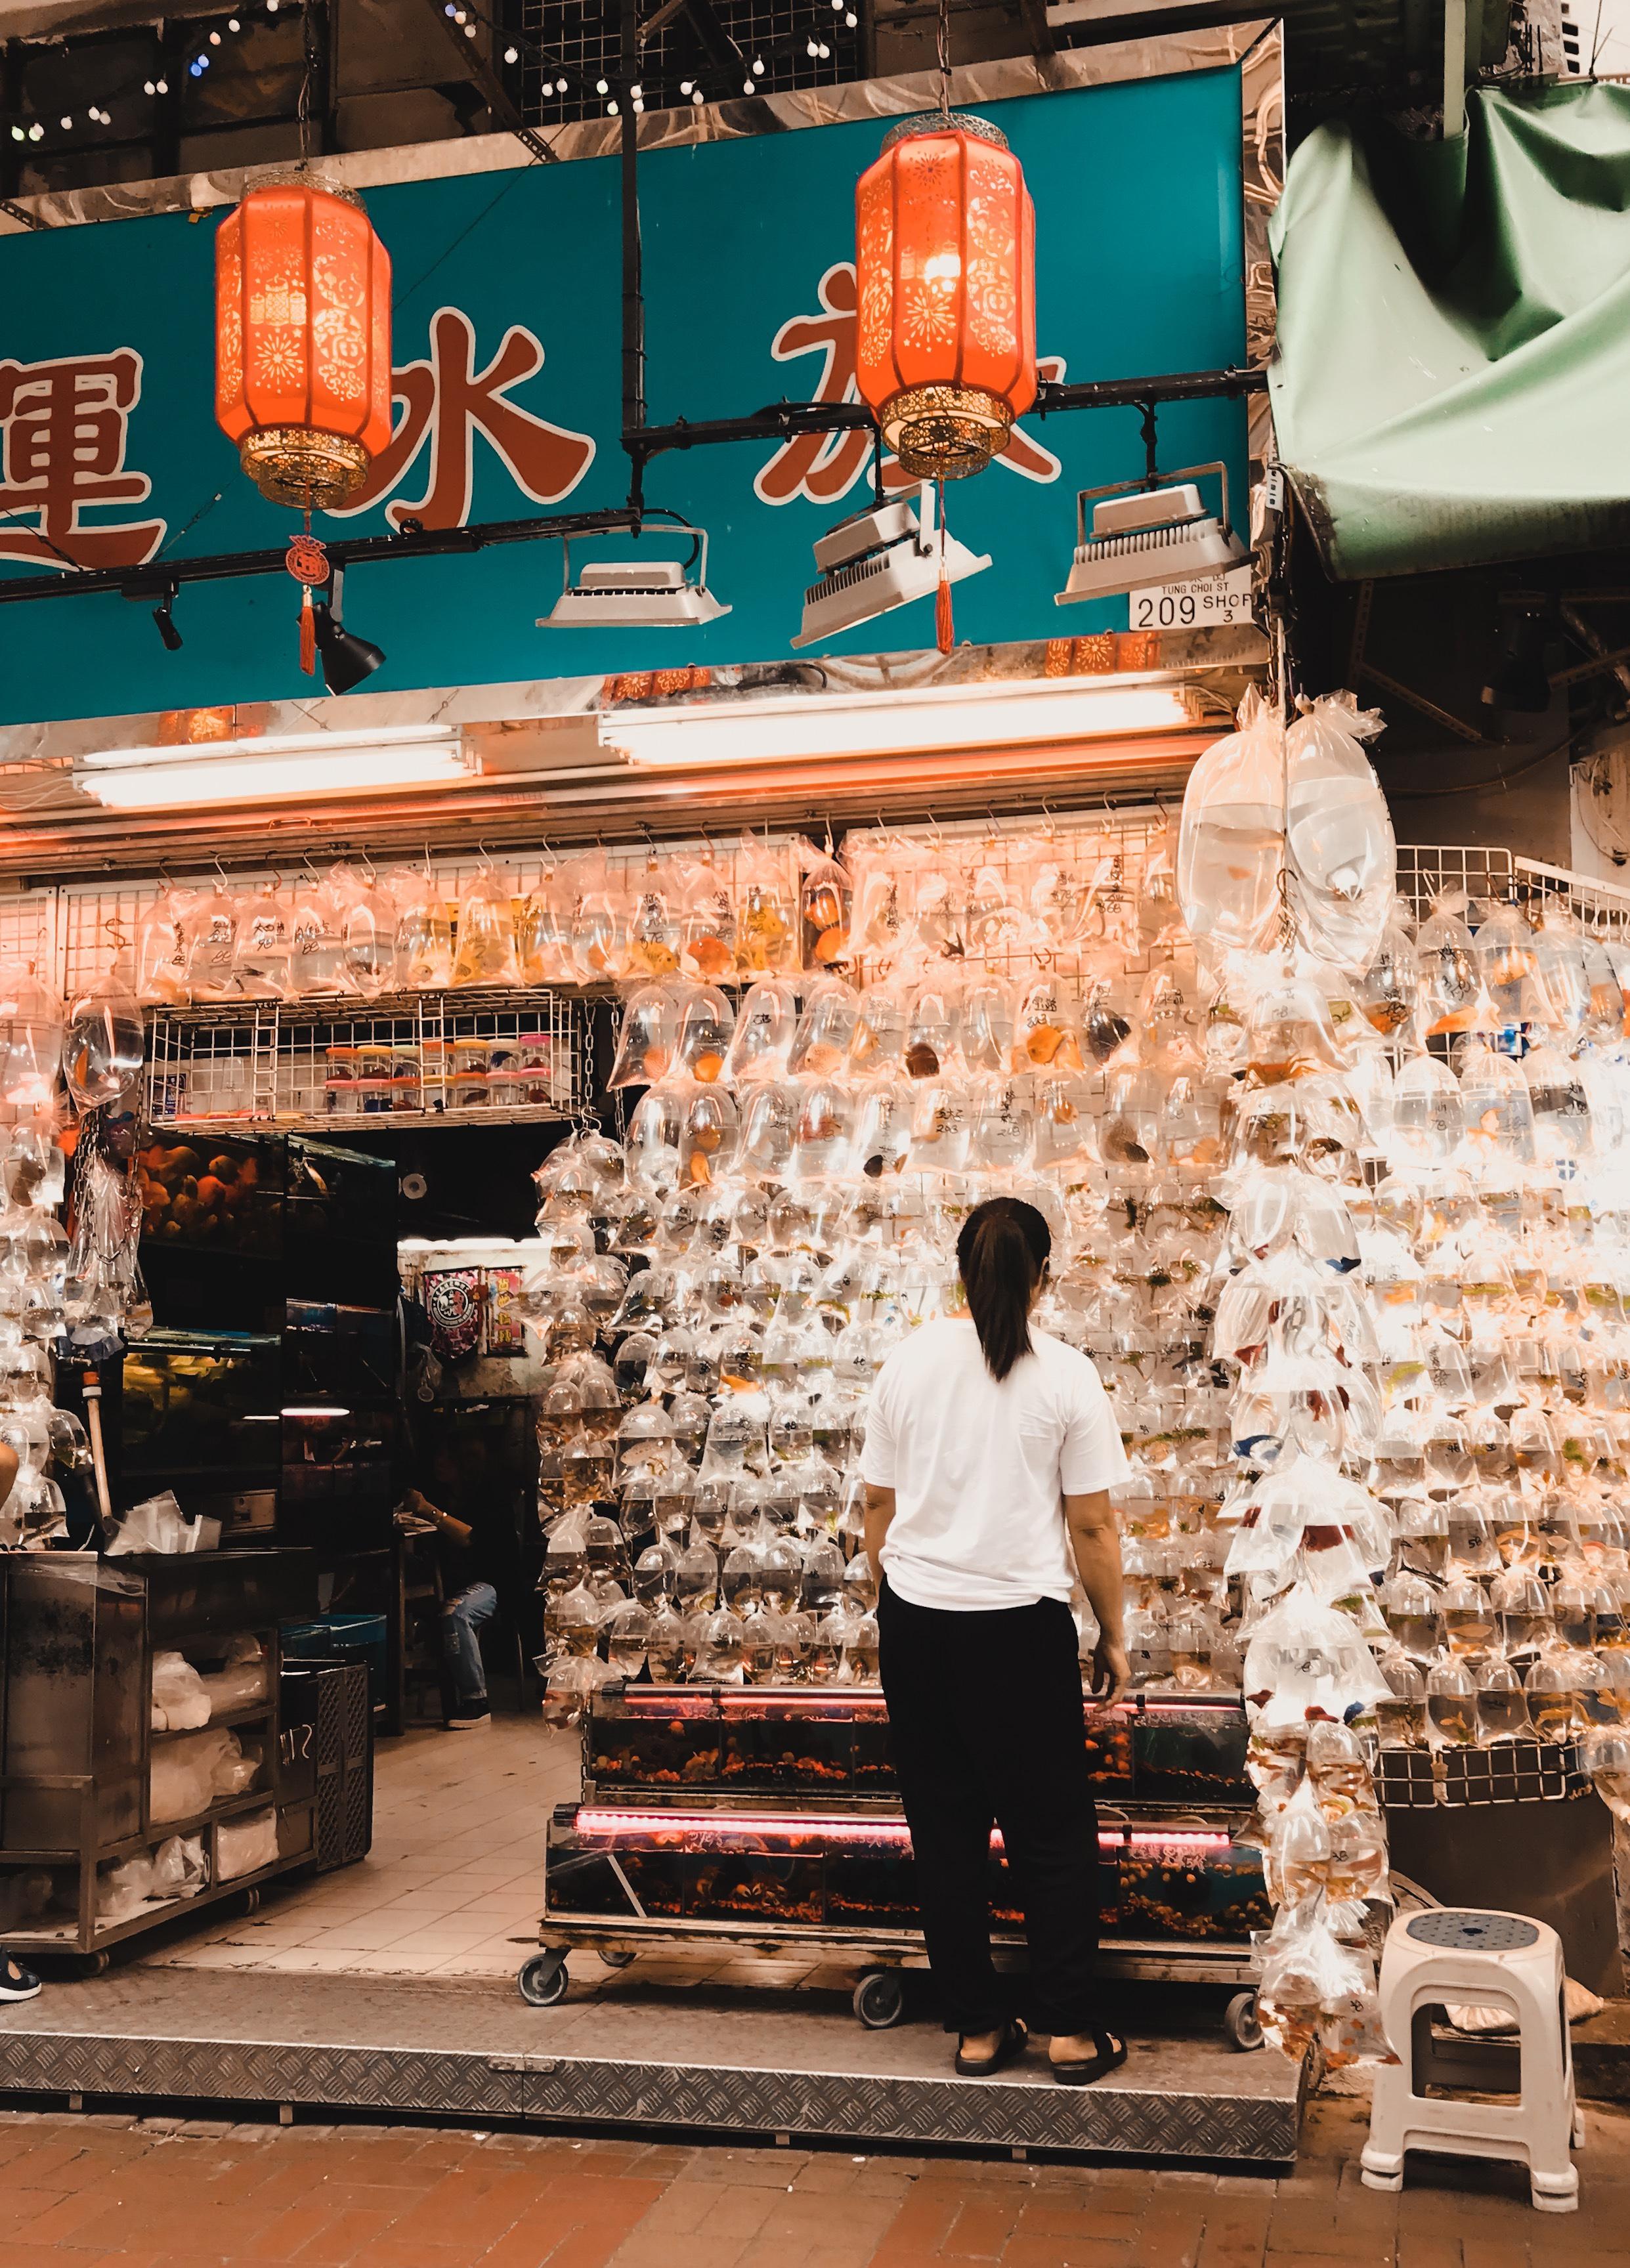 Goldfish Market, Prince Edward Hong Kong